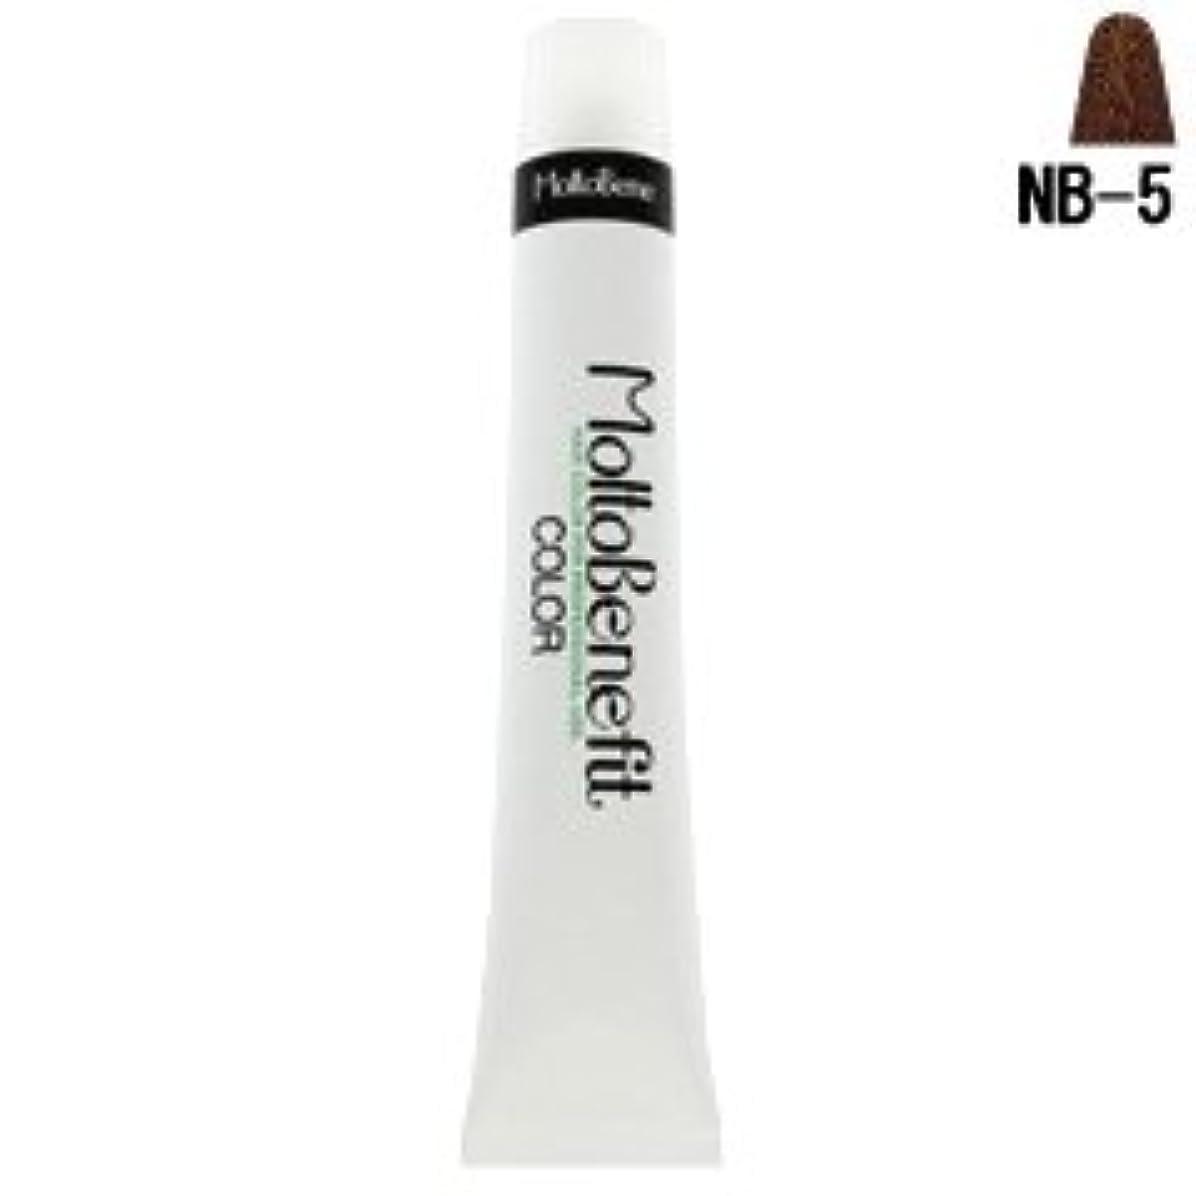 思い出旅行者槍【モルトベーネ】フィットカラー グレイナチュラルカラー NB-5 ナチュラルブラウン 60g